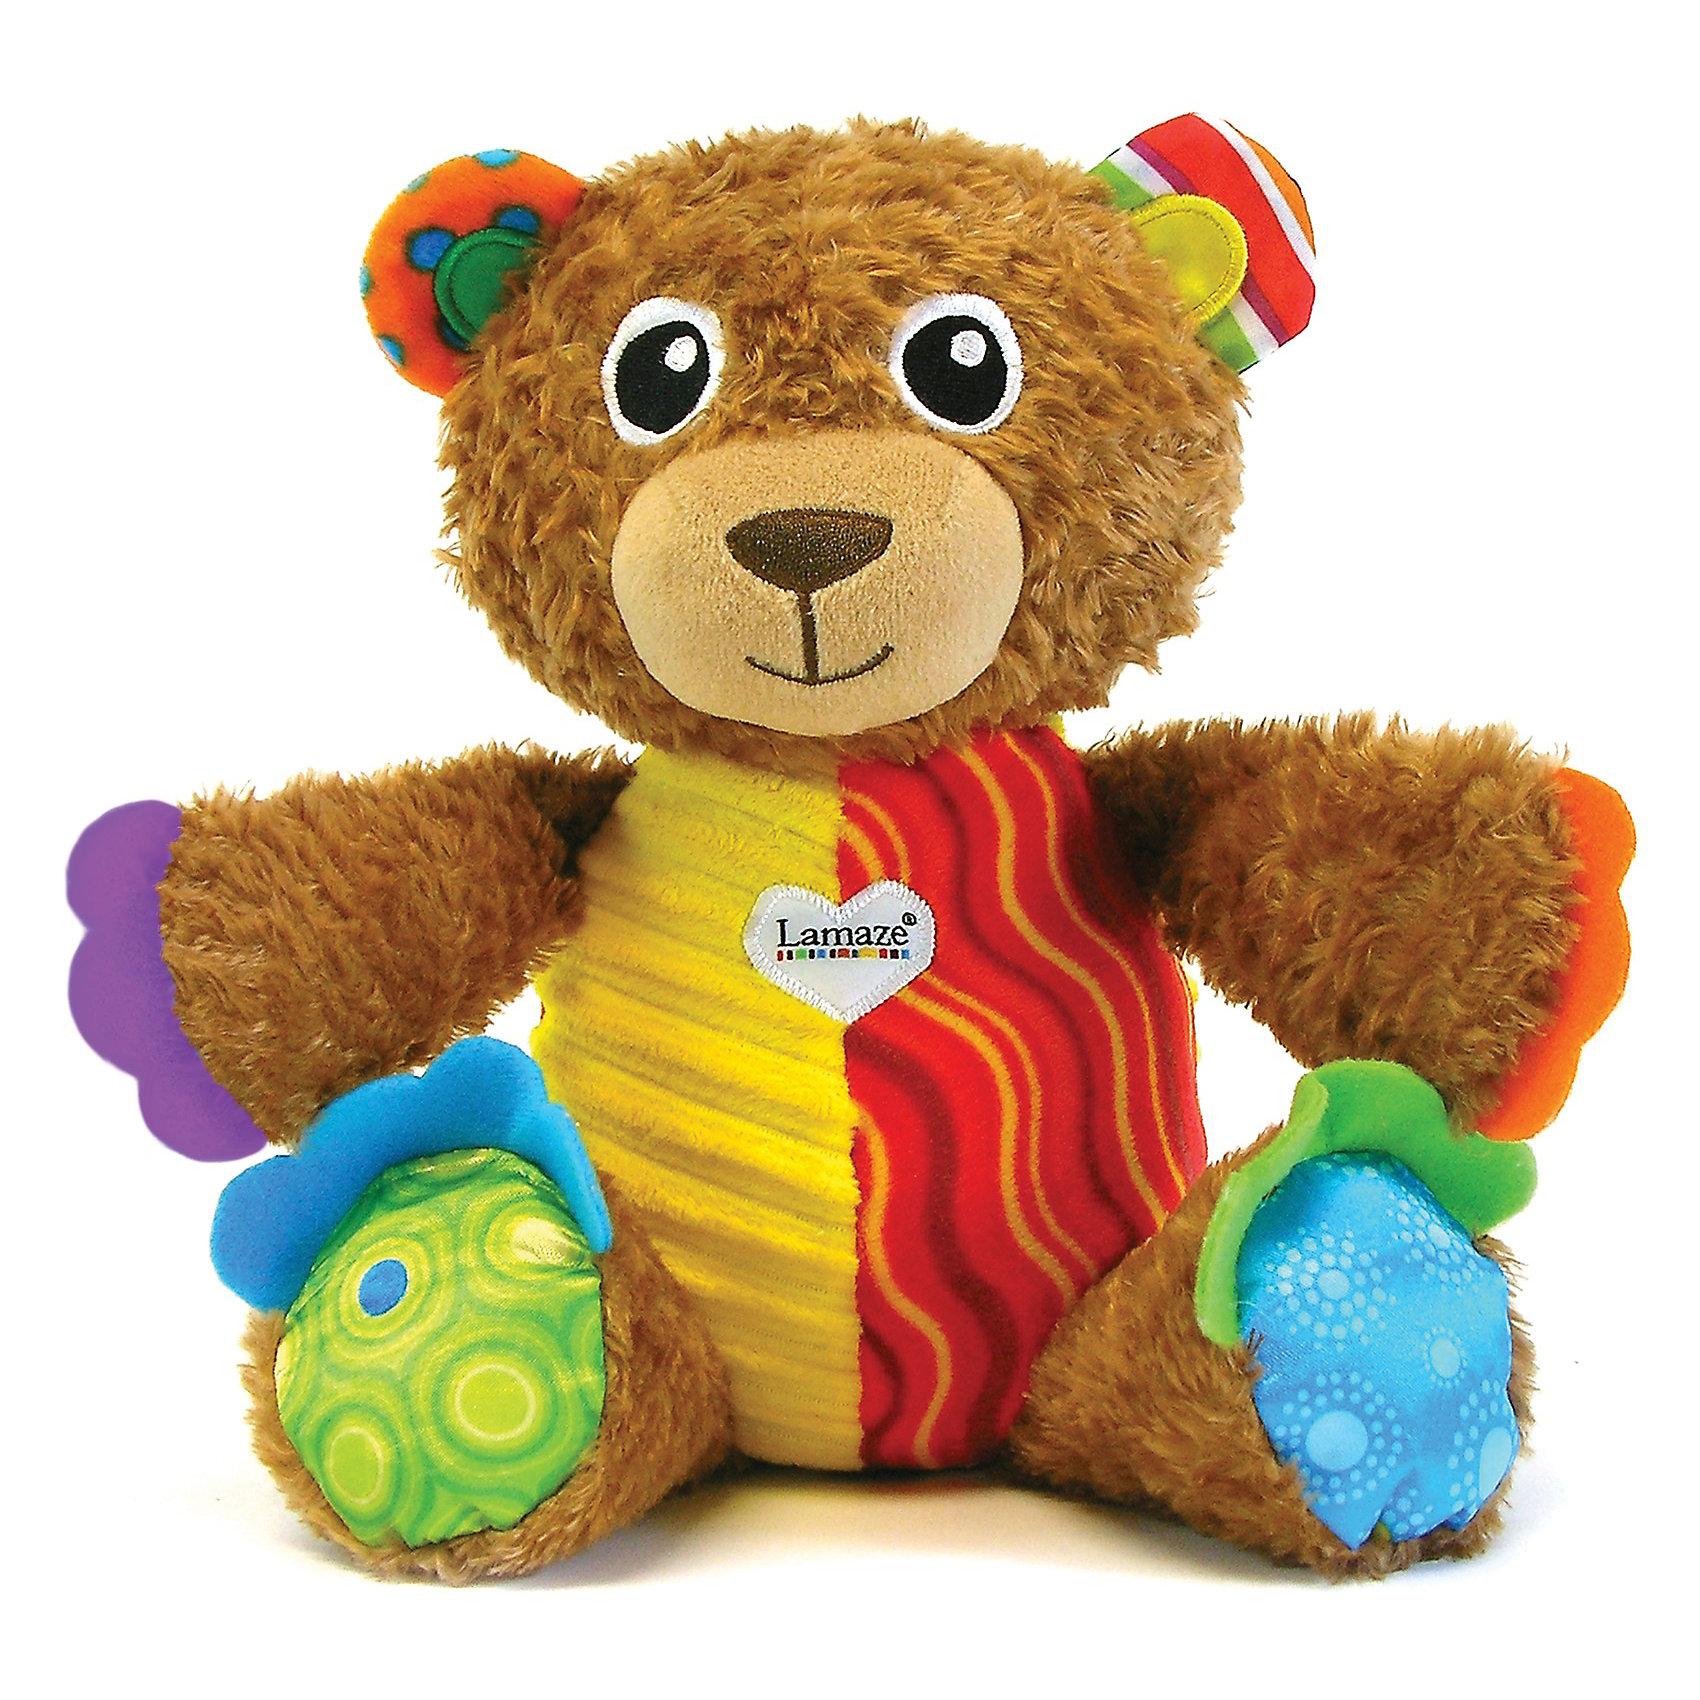 Игрушка Мой первый плюшевый медвежонок, LamazeМедвежата<br>Этот забавный мишка обязательно понравится малышу и подарит ему много улыбок и положительных эмоций. Игрушка выполнена из приятного на ощупь разноцветного материала разной фактуры, плотно набита. Выполнена из высококачественного гипоаллергенного материала безопасного для детей. Такой мишка станет прекрасным другом вашему малышу и поможет развить мелкую моторику,  тактильное и цветовое восприятие.<br><br>Дополнительная информация: <br><br>- Материал: текстиль.<br>- Размер: 11х17х23  см.<br>- Цвет: разноцветный.<br><br>Игрушку Мой первый плюшевый медвежонок, Lamaze можно купить в нашем магазине.<br><br>Ширина мм: 281<br>Глубина мм: 203<br>Высота мм: 162<br>Вес г: 233<br>Возраст от месяцев: 0<br>Возраст до месяцев: 24<br>Пол: Унисекс<br>Возраст: Детский<br>SKU: 3173892